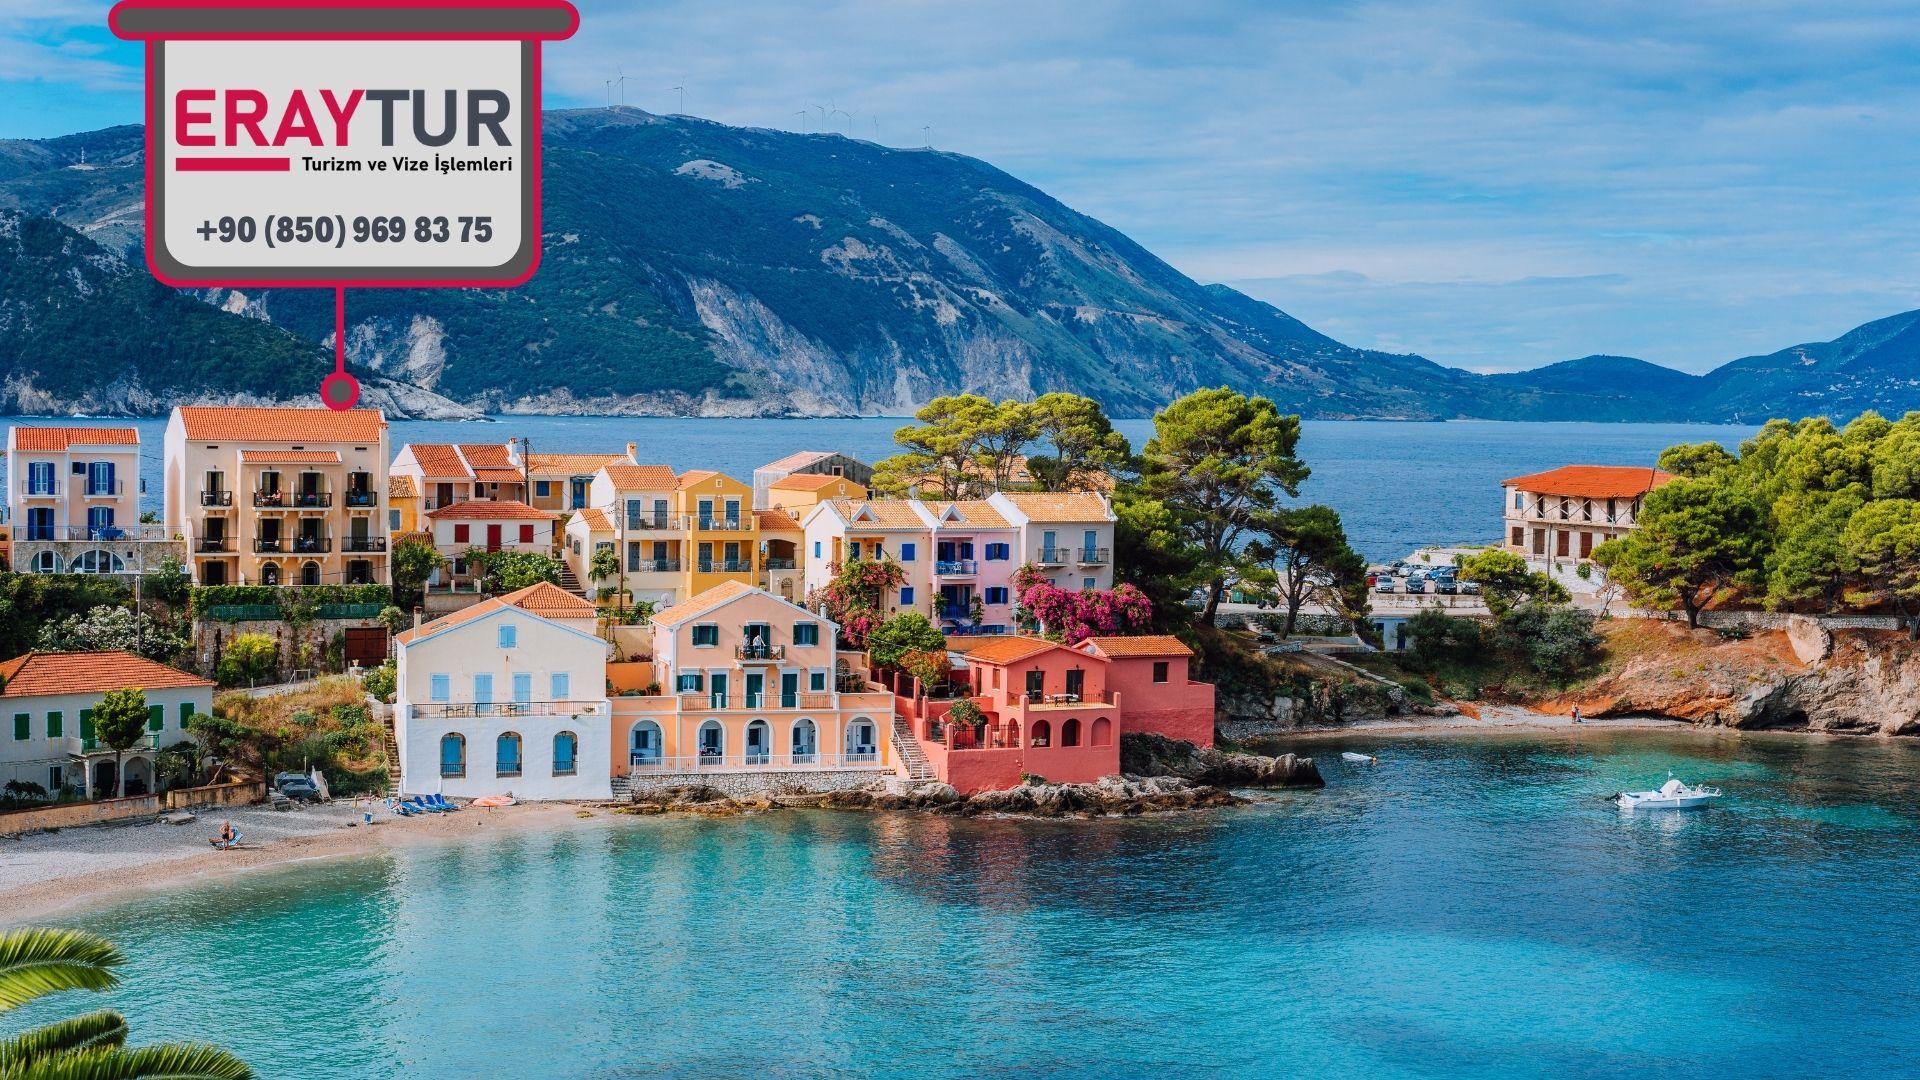 Yunanistan Turistik Vize Kamu Evrakları